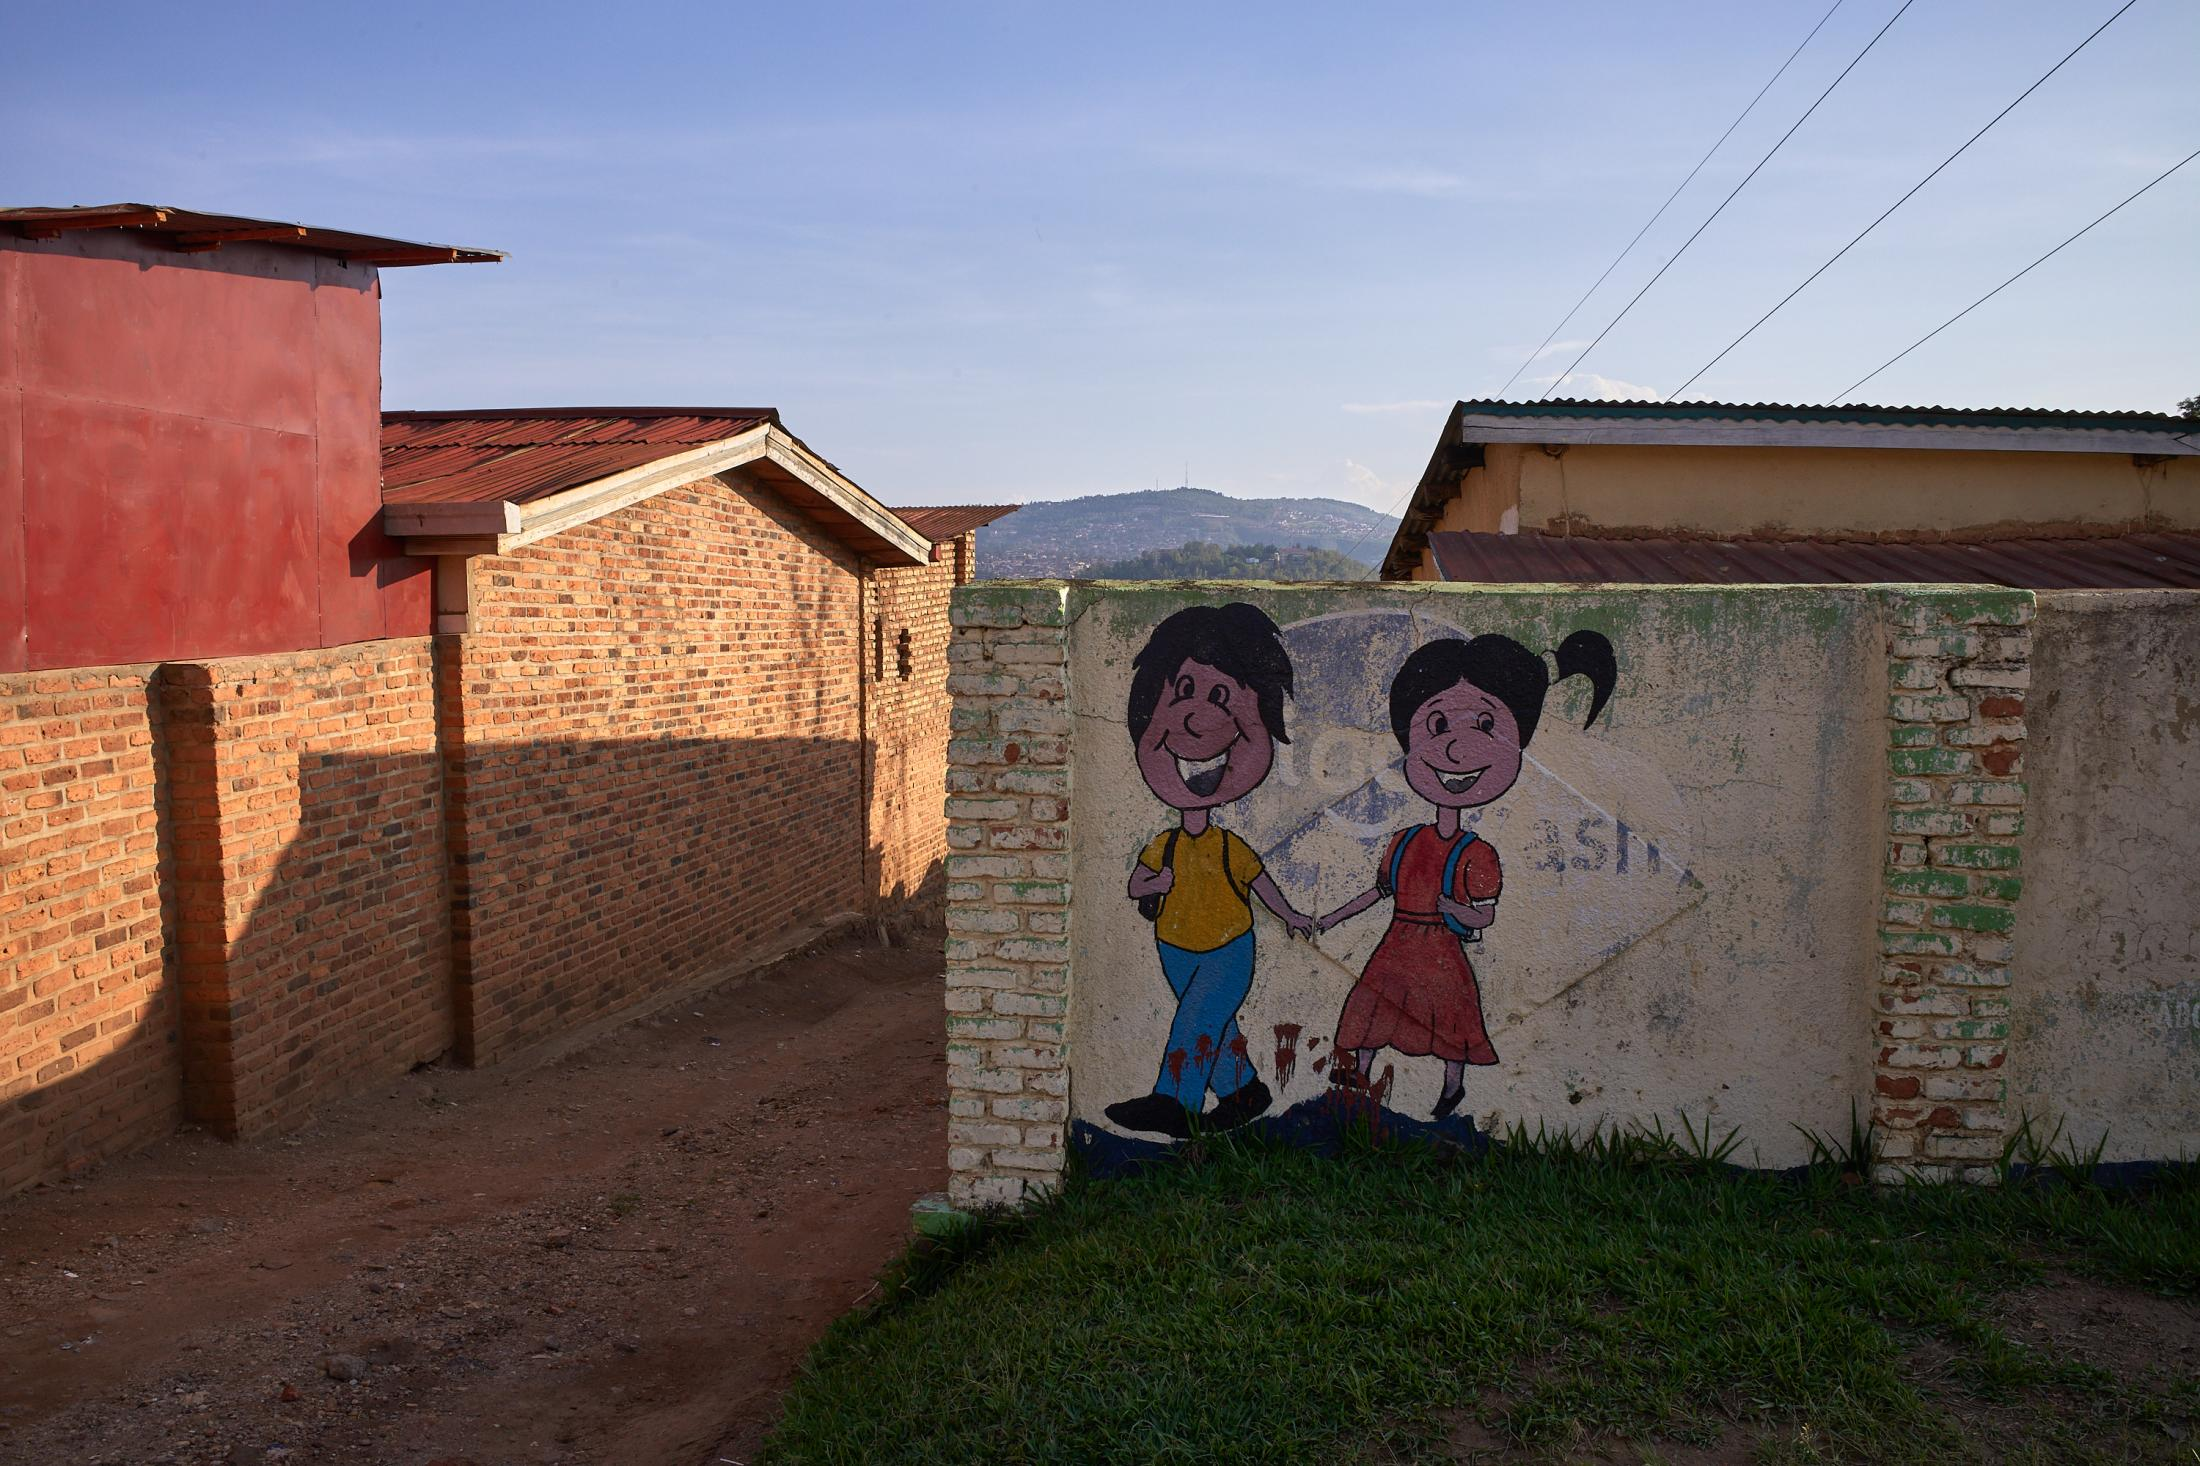 hand in hand, kigali, rwanda.